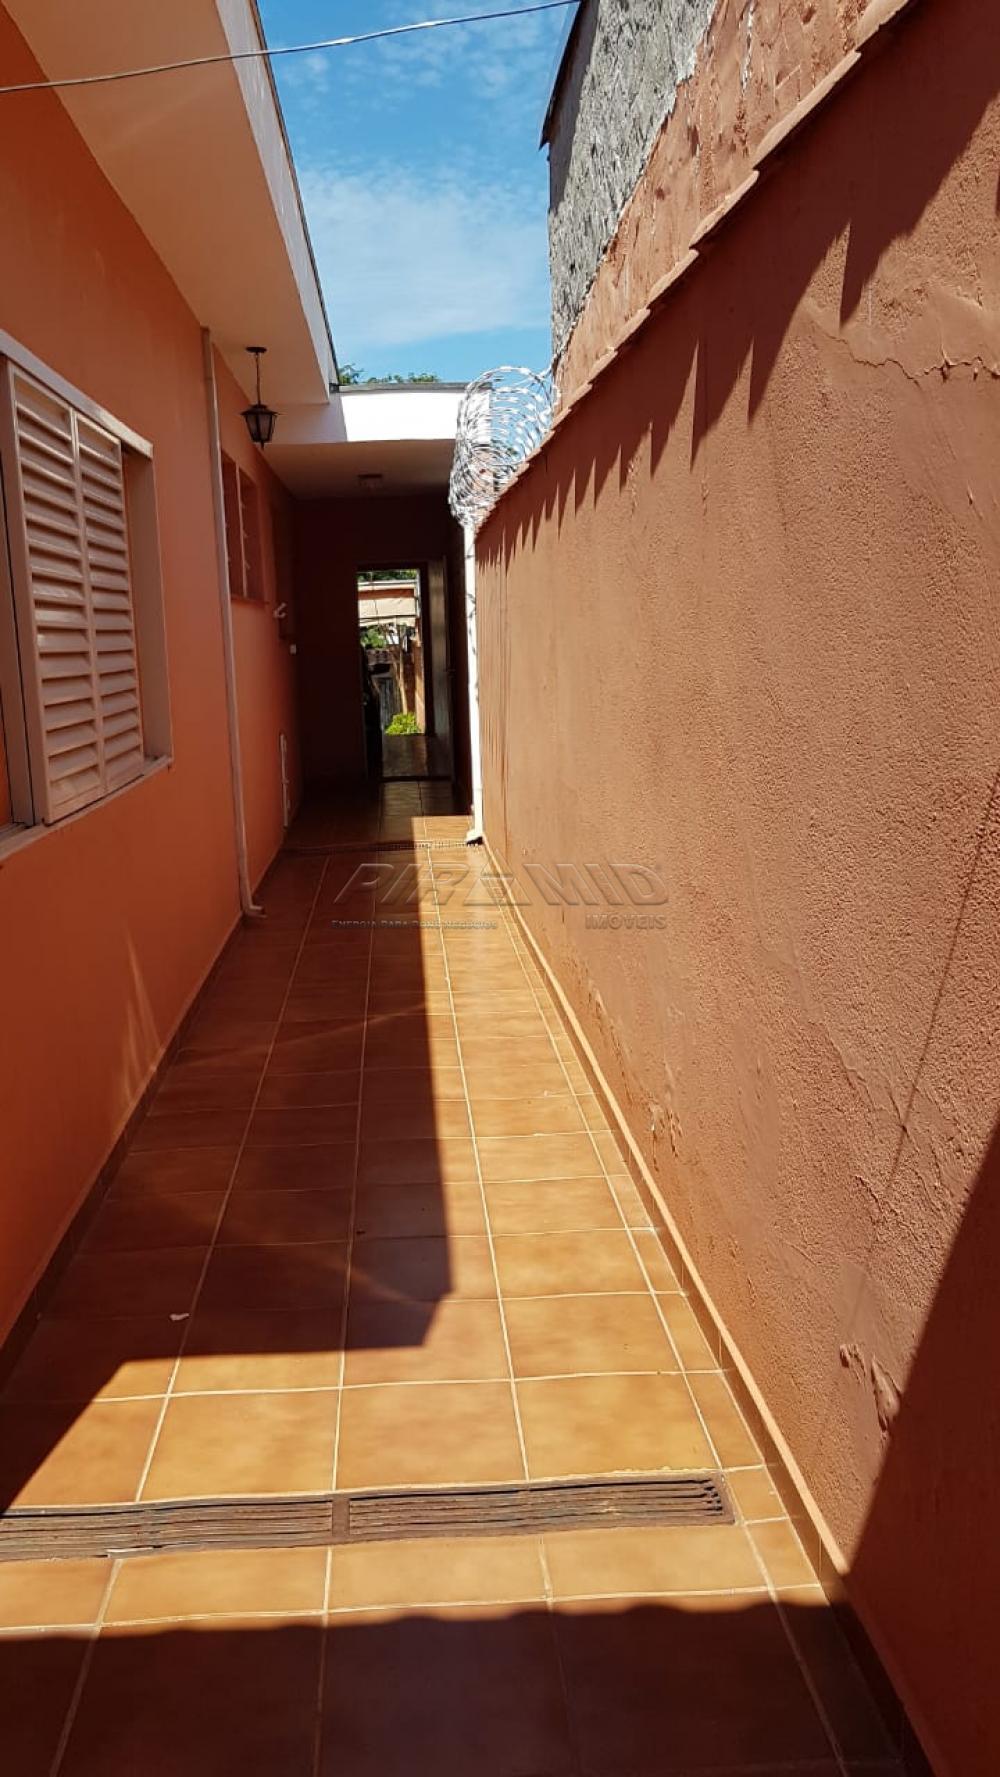 Comprar Casa / Padrão em Ribeirão Preto R$ 850.000,00 - Foto 50